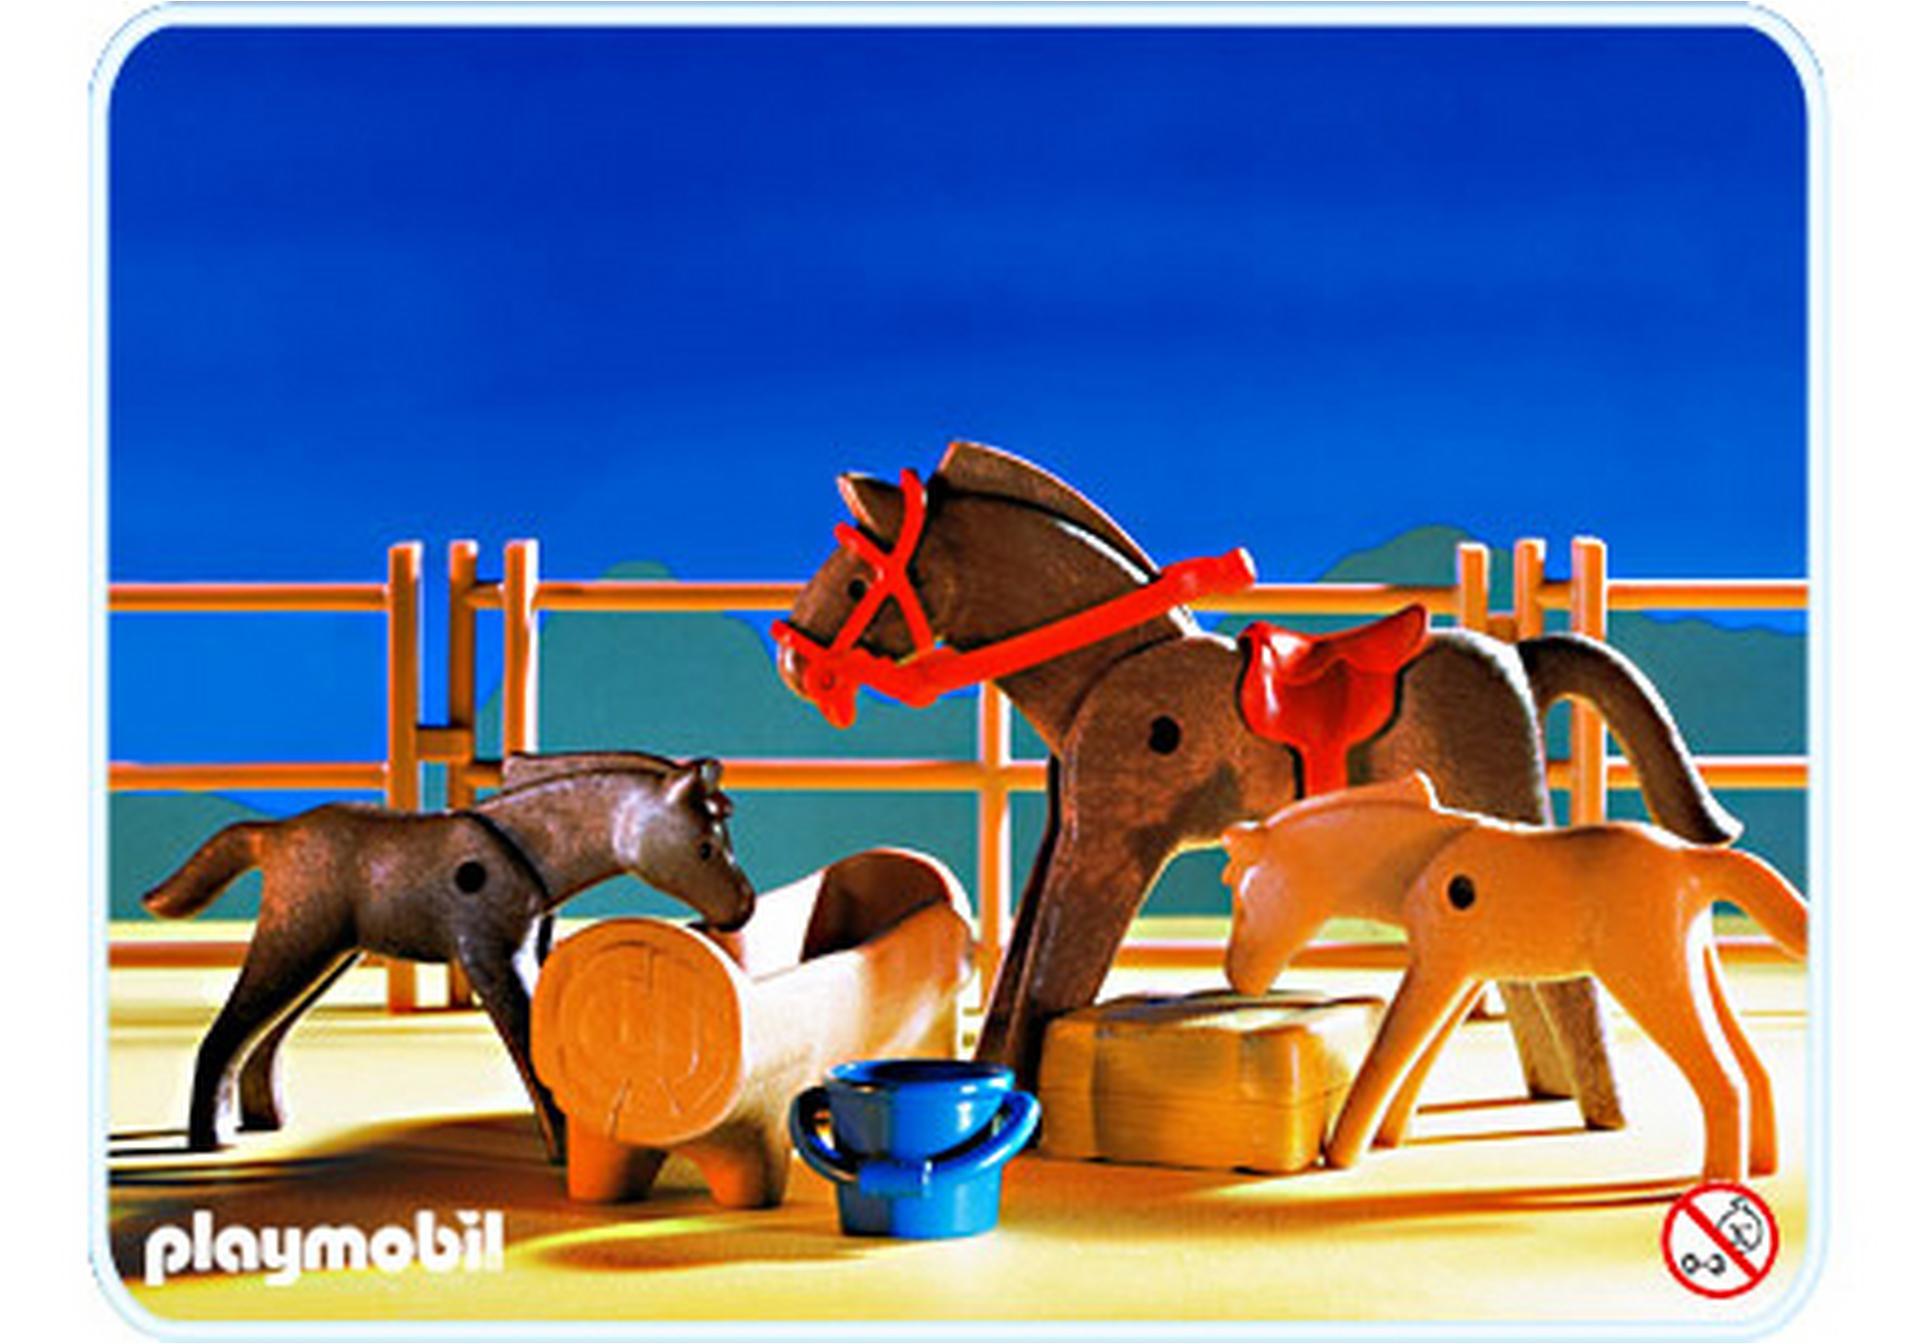 Enclos chevaux abreuvoir 3856 a playmobil france - Pferde playmobil ...